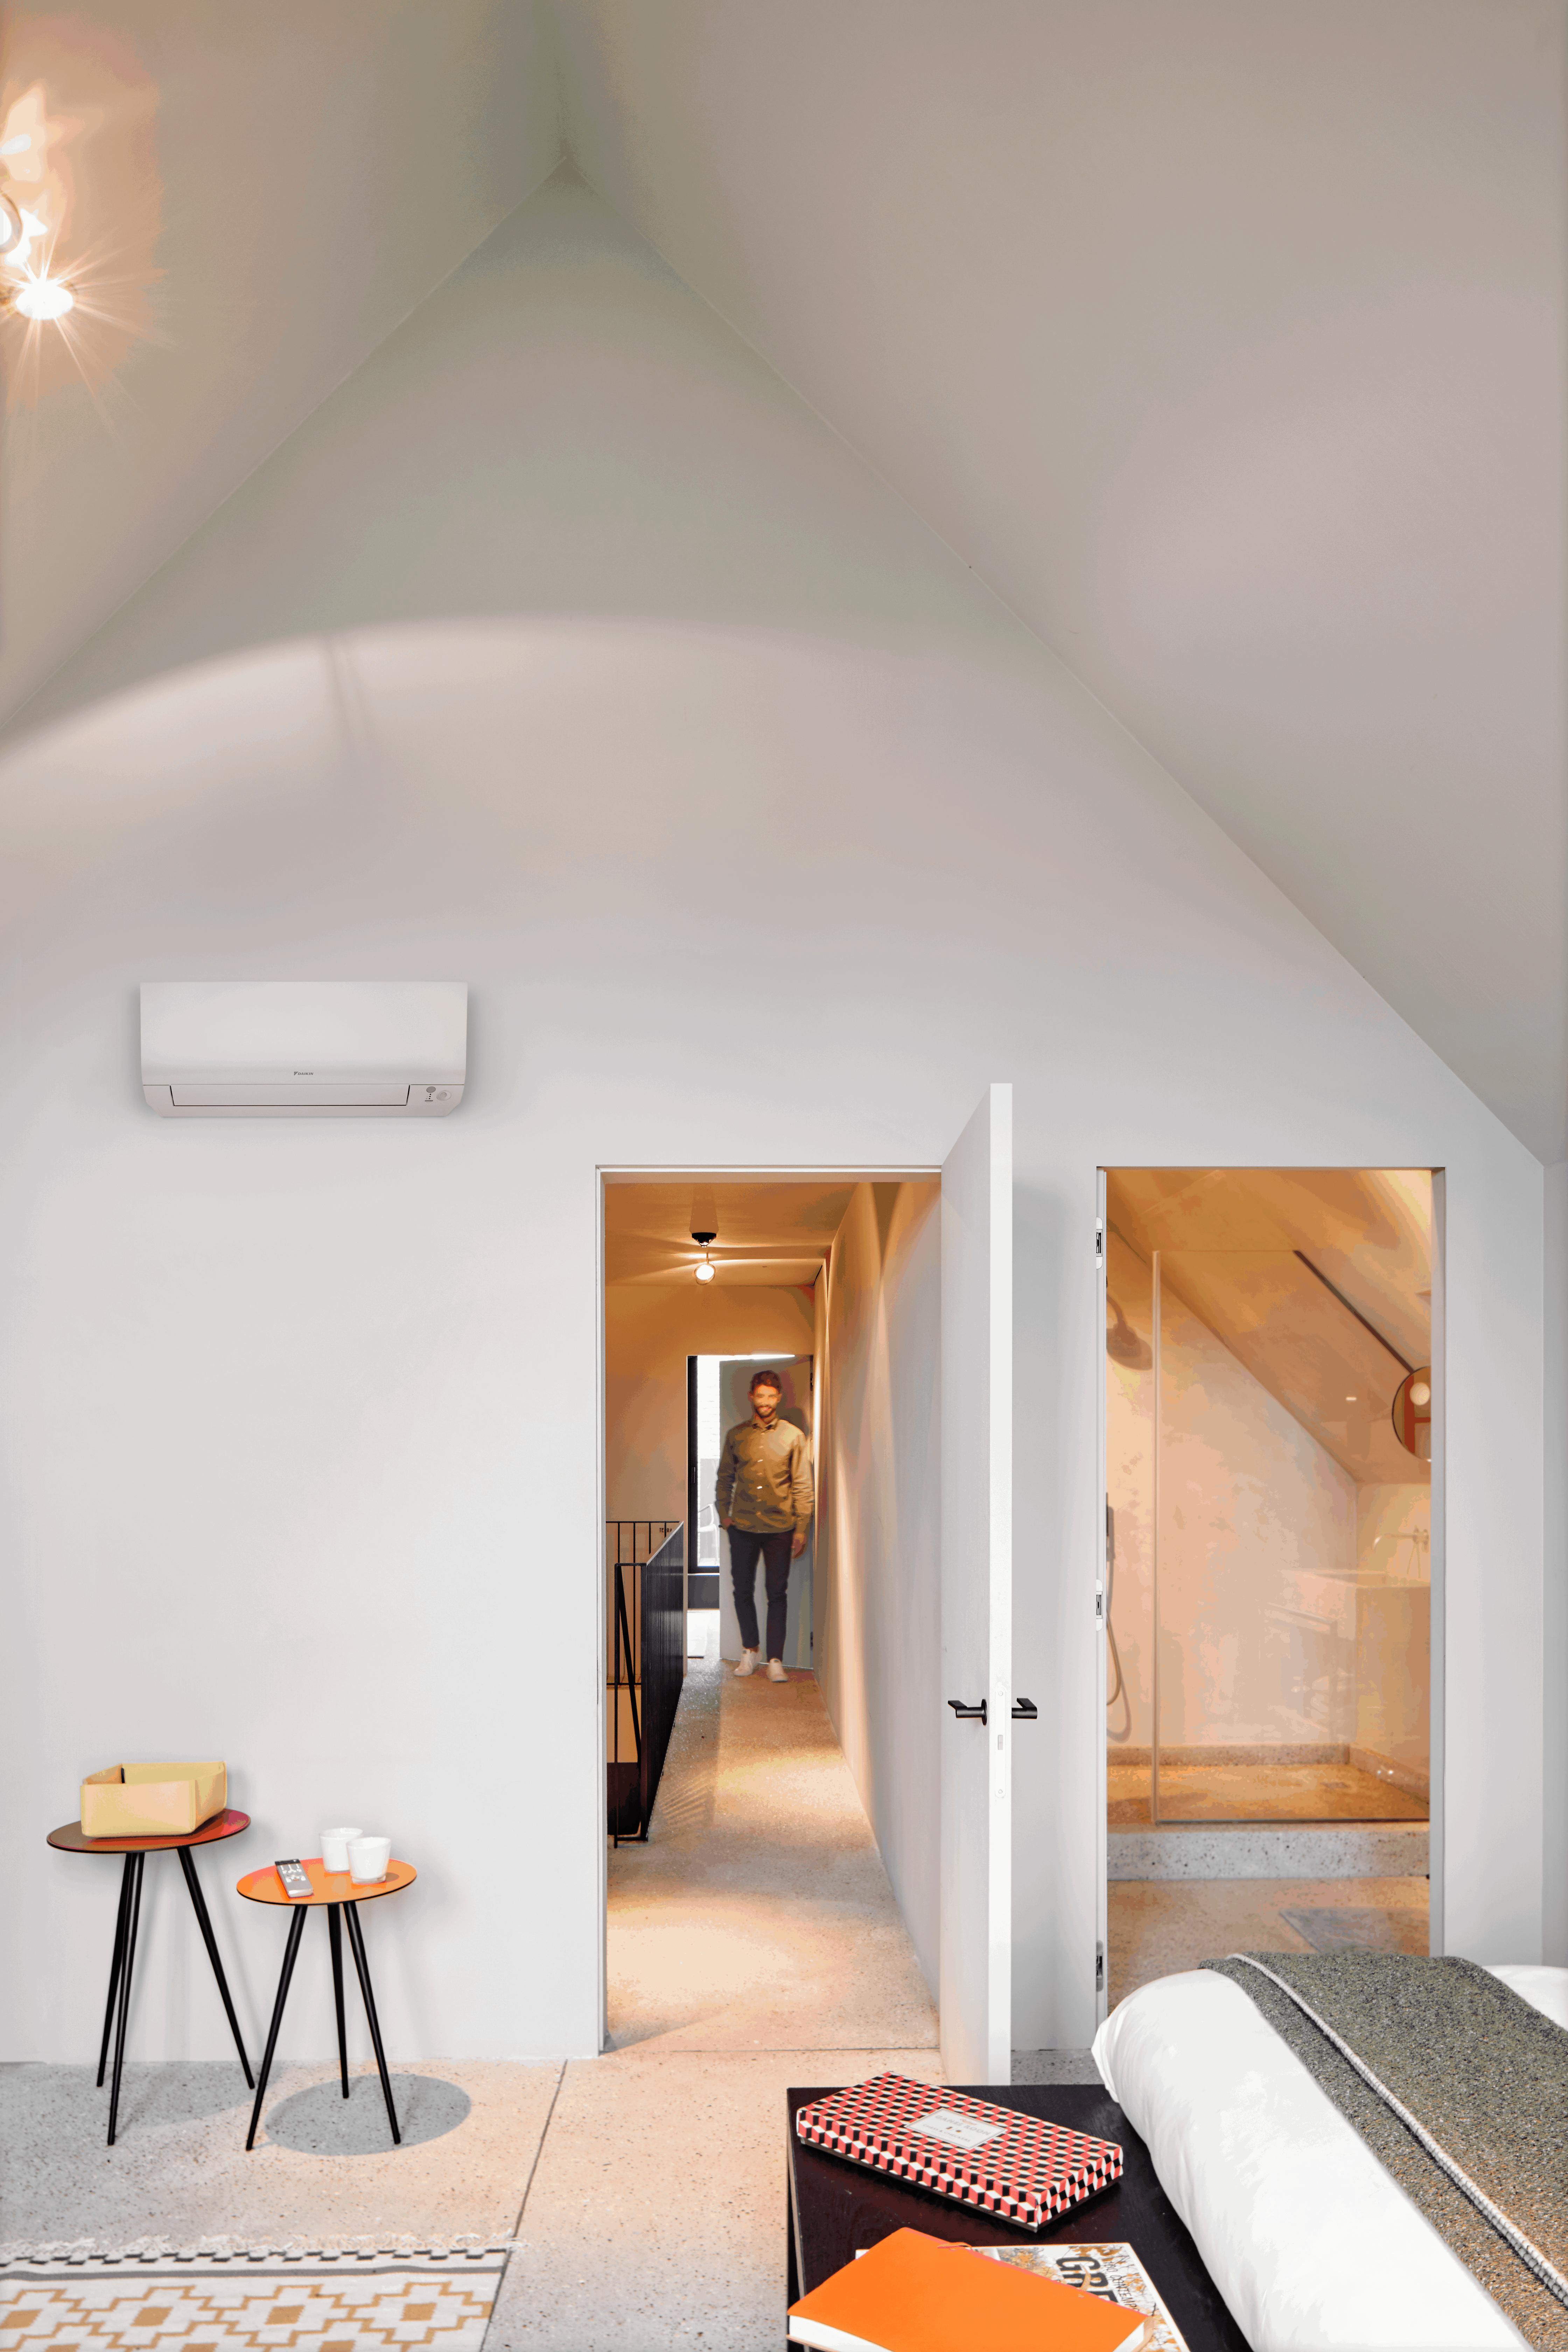 luftvärmepump inkl installation